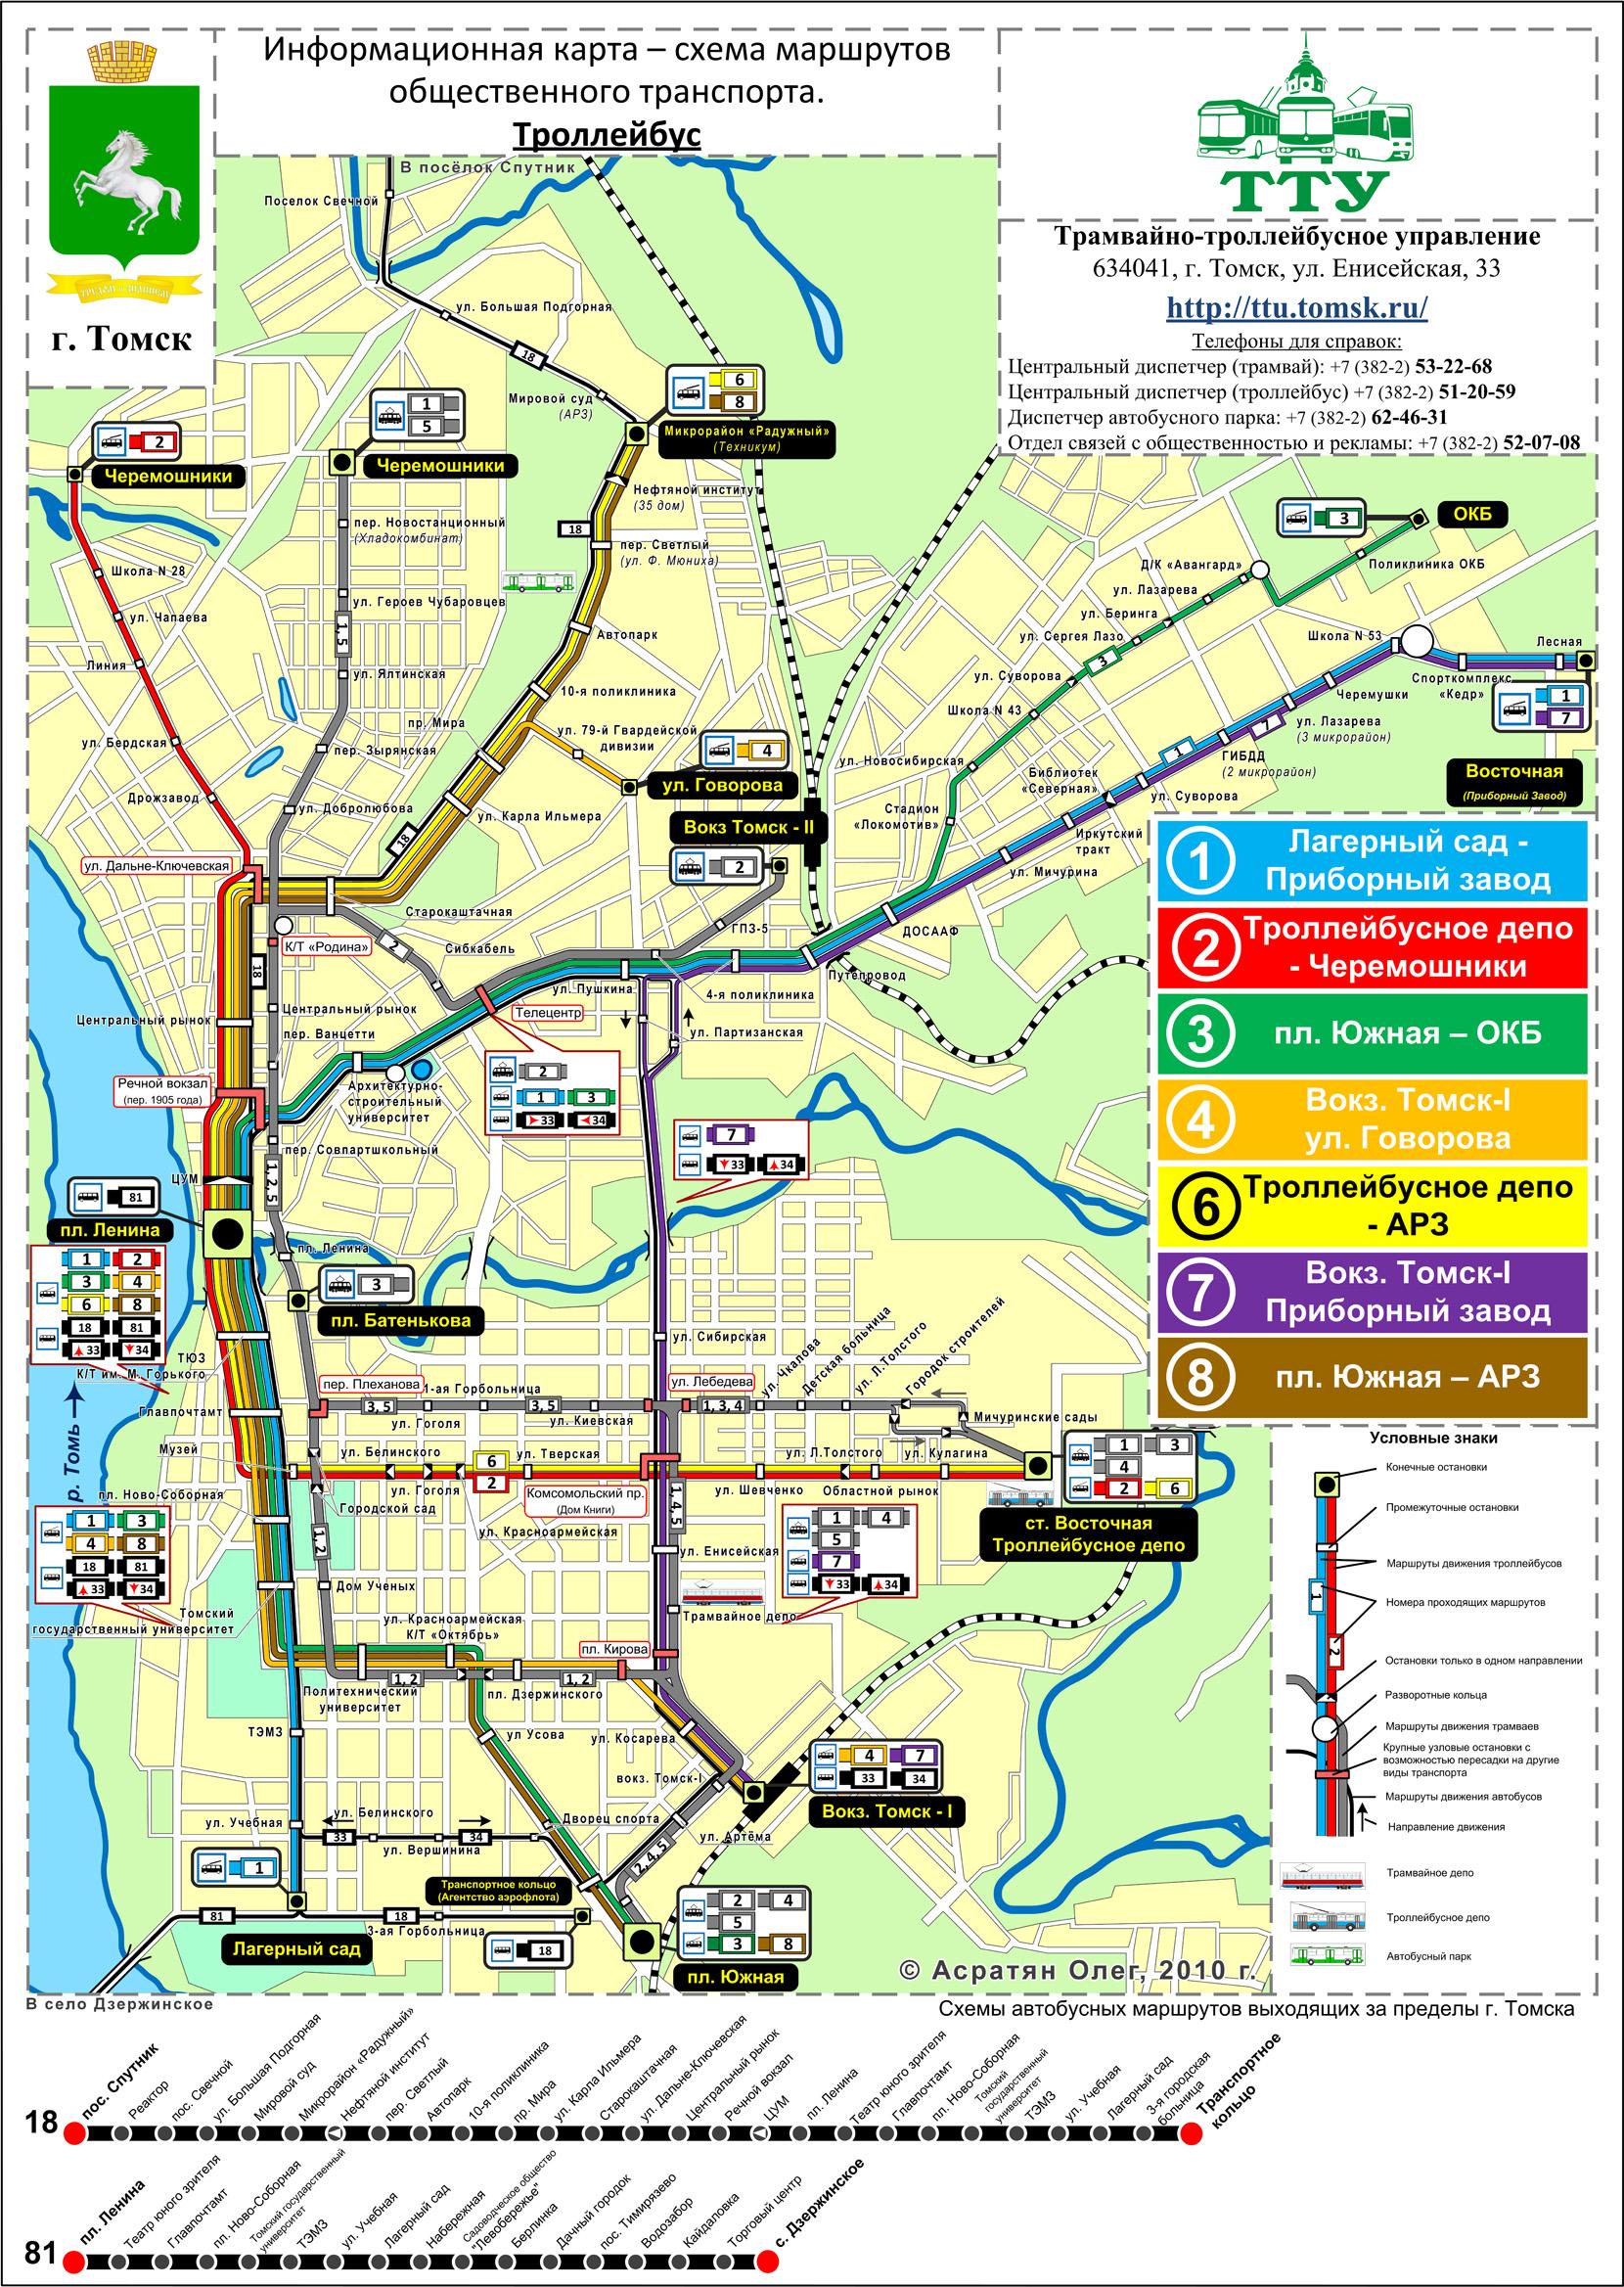 маршрут троллейбуса 7 схема